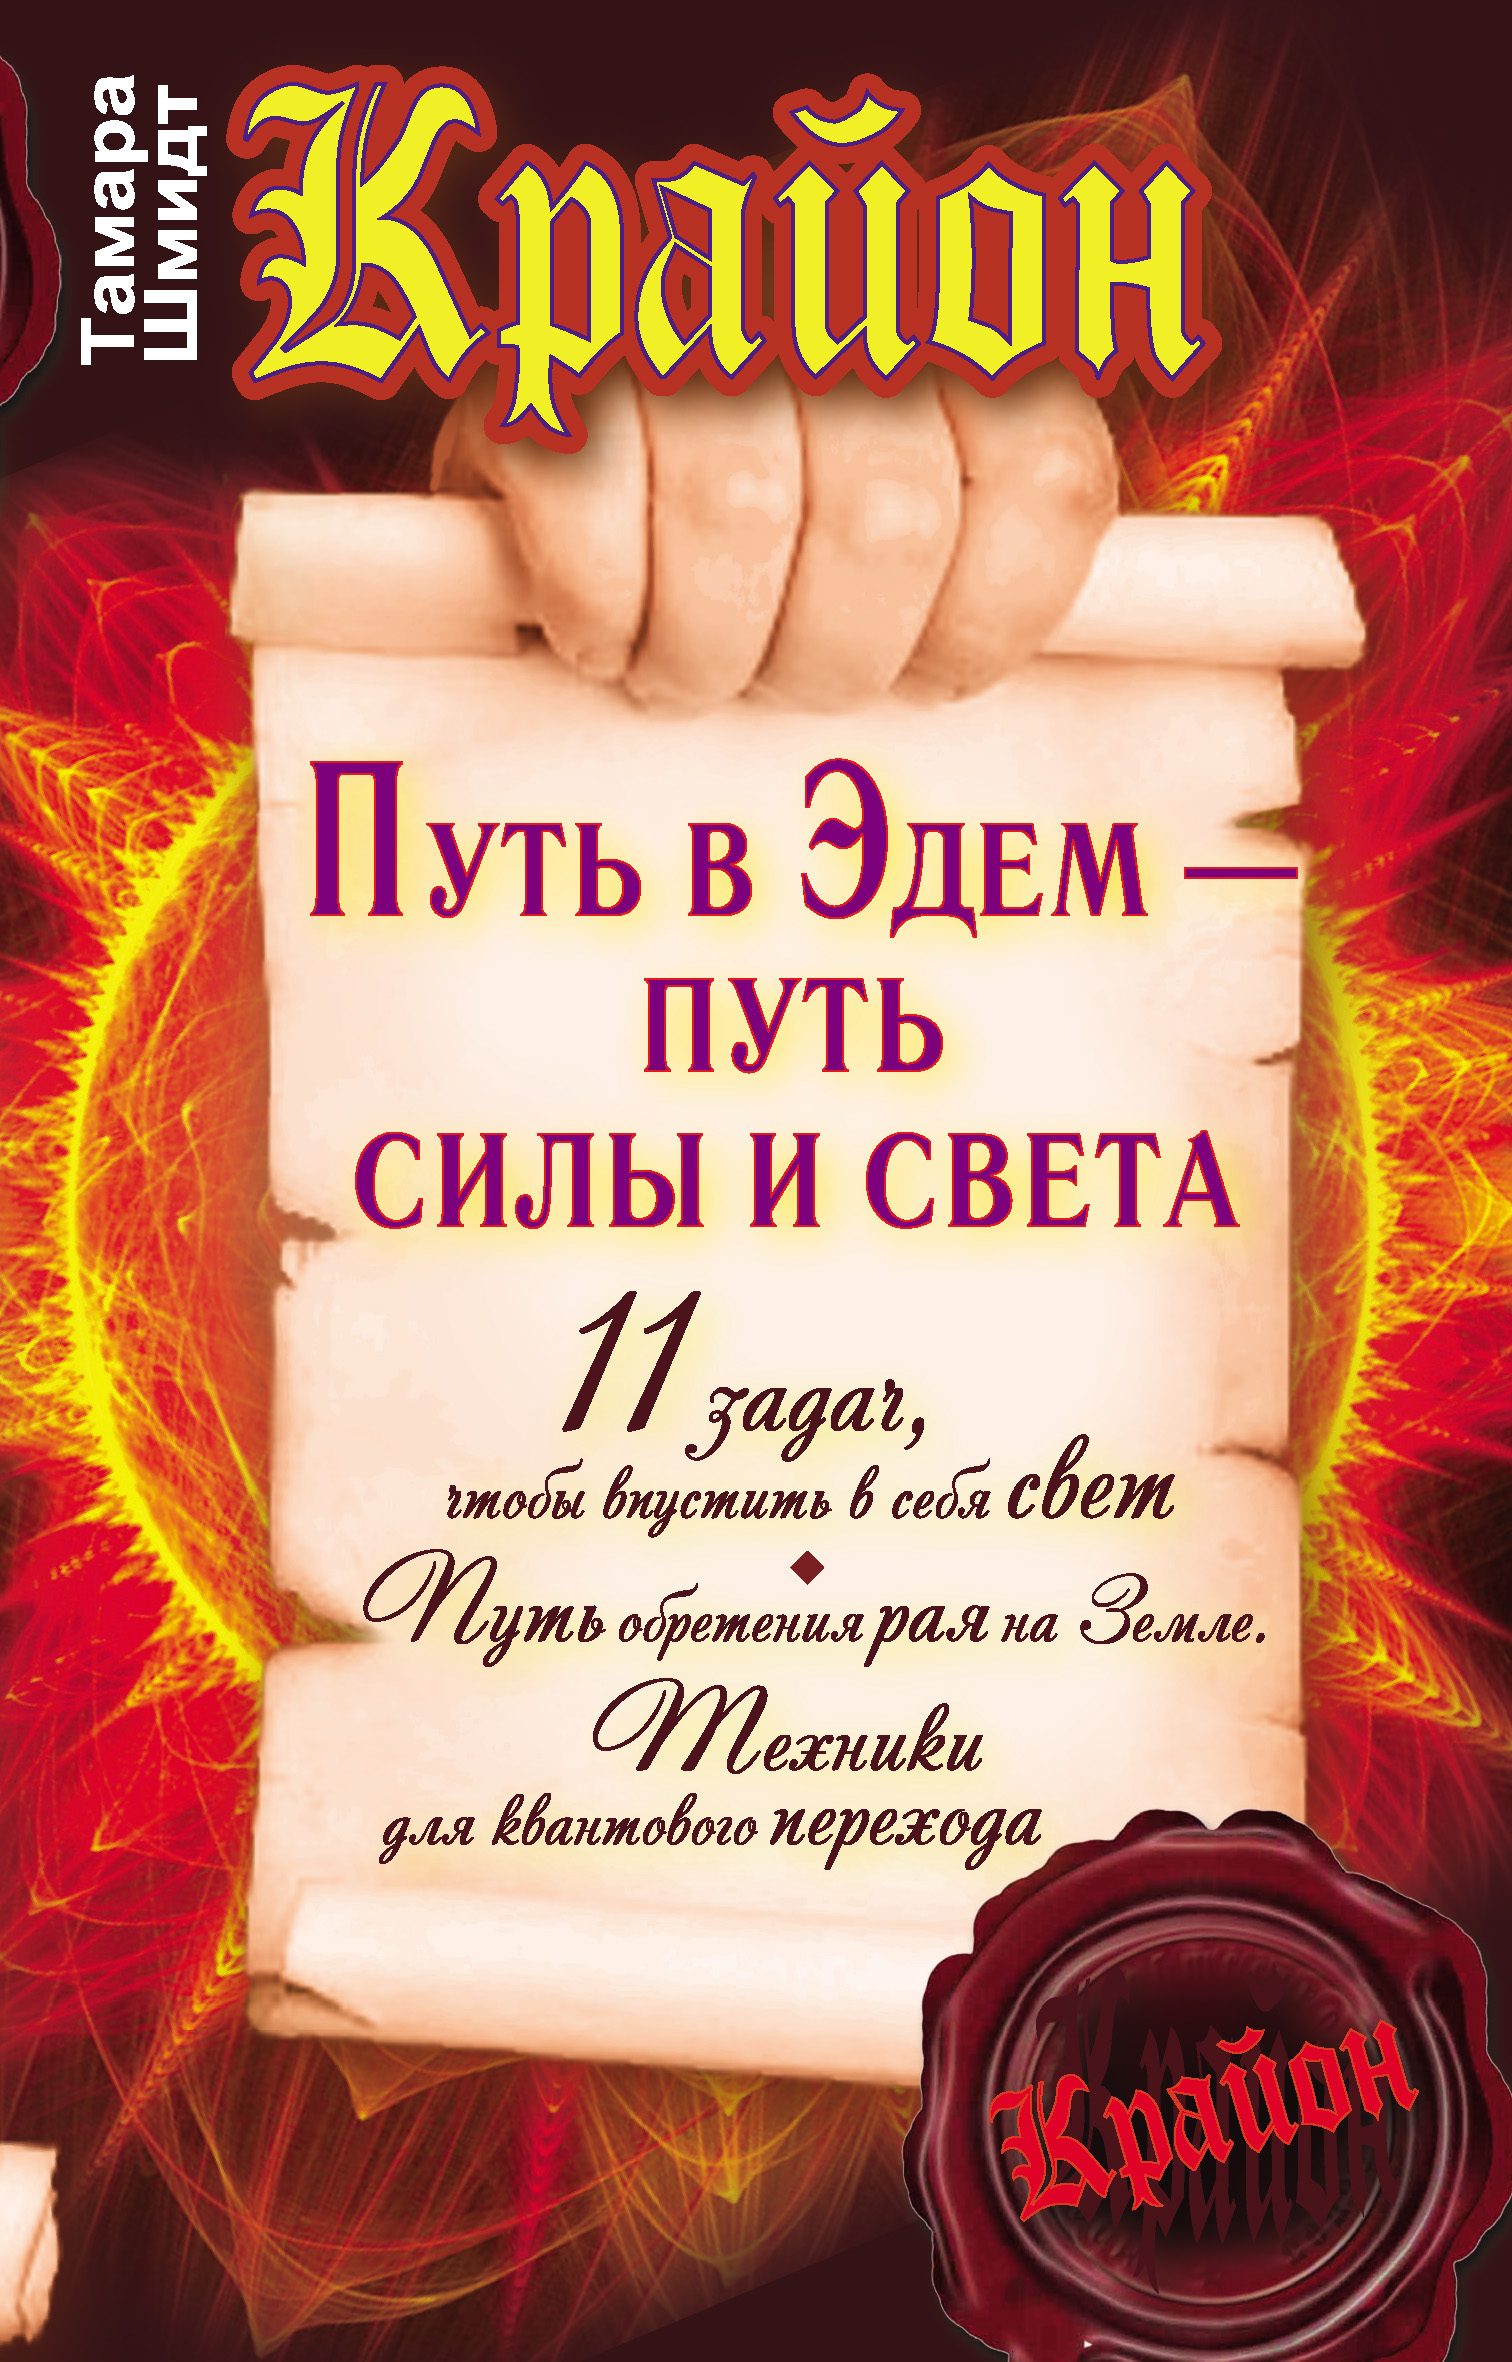 Тамара Шмидт Крайон. Путь в Эдем – путь силы и света